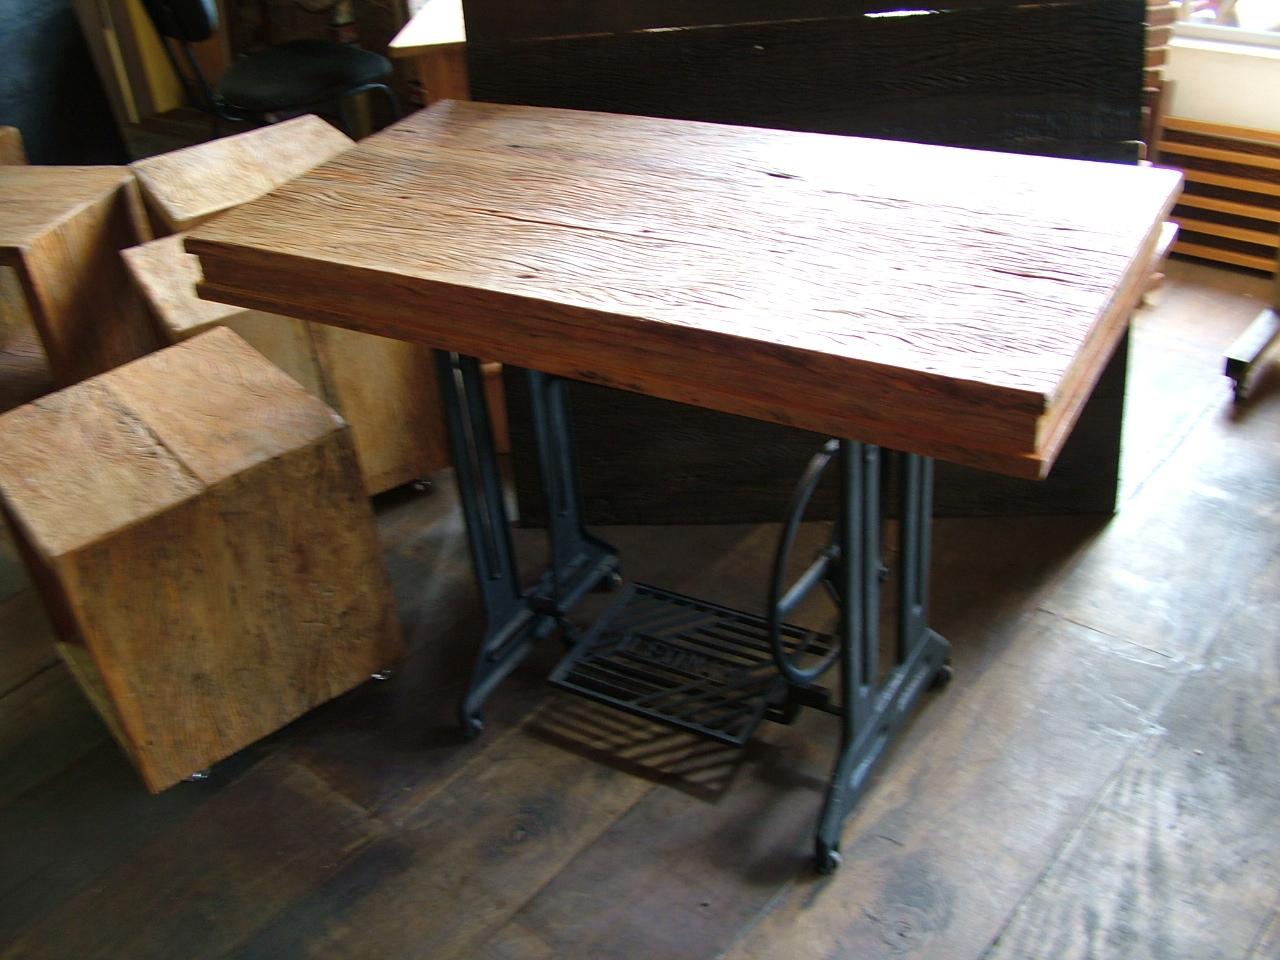 Móveis demolição – Móveis rústicos – Tampo em madeira de  #614728 1280x960 Balcao Banheiro Rustico